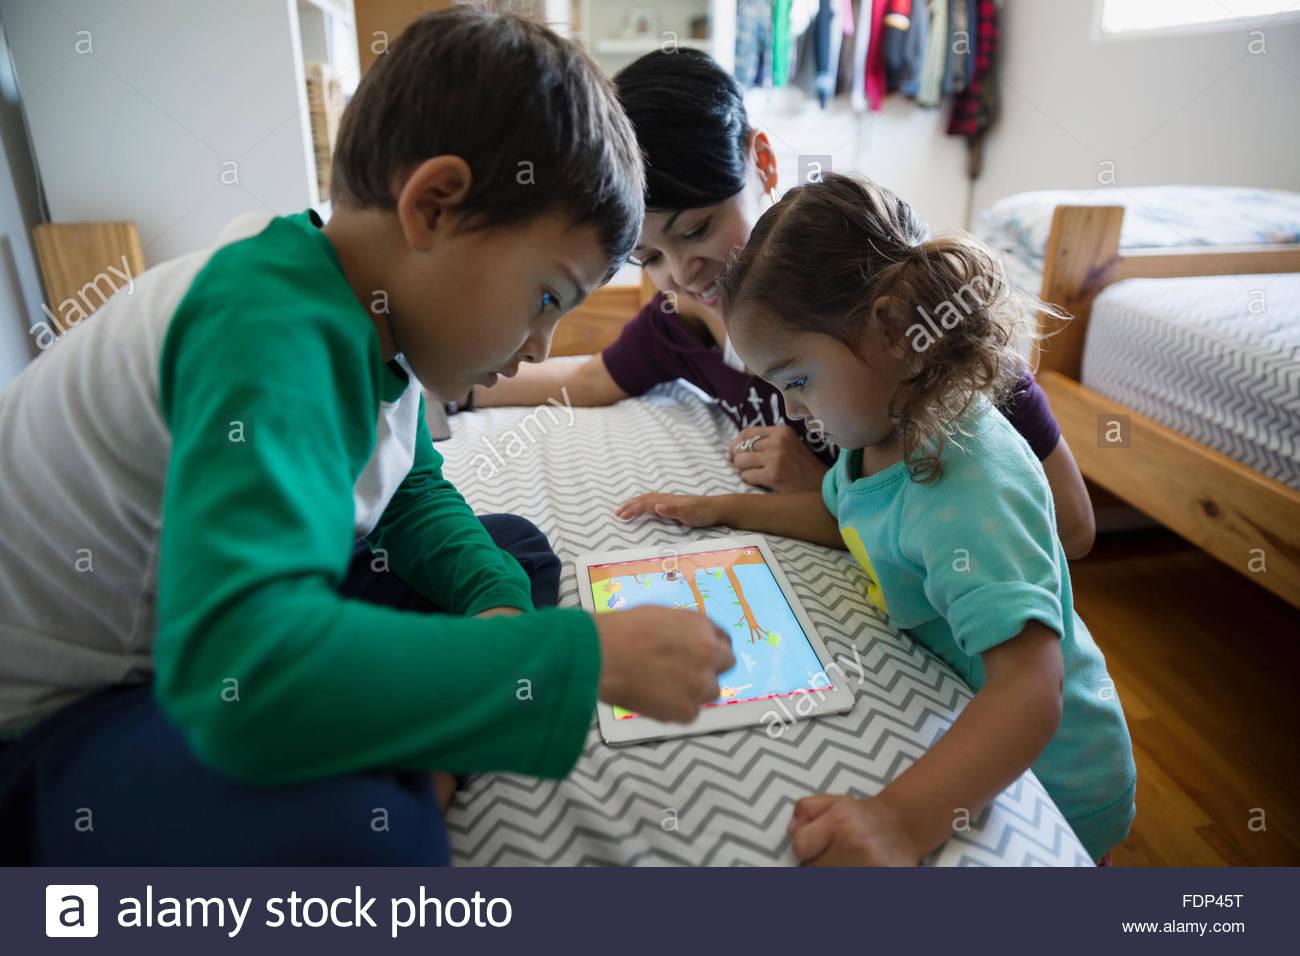 Madre e hijos jugando en tableta digital Imagen De Stock